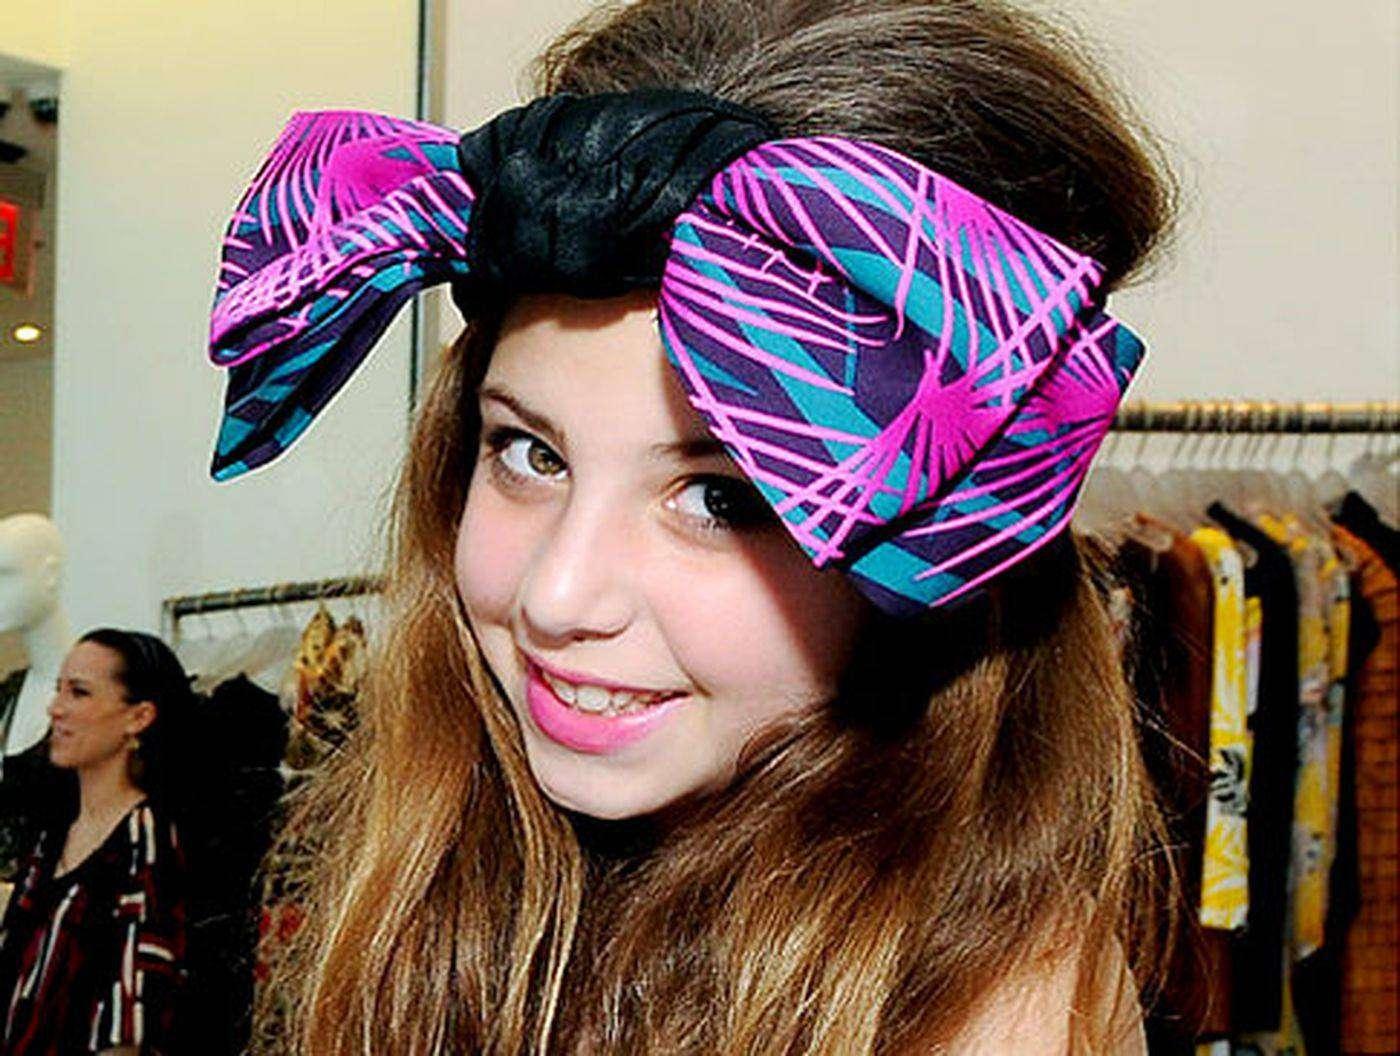 Сесилия Кассини — самый молодой дизайнер в мире